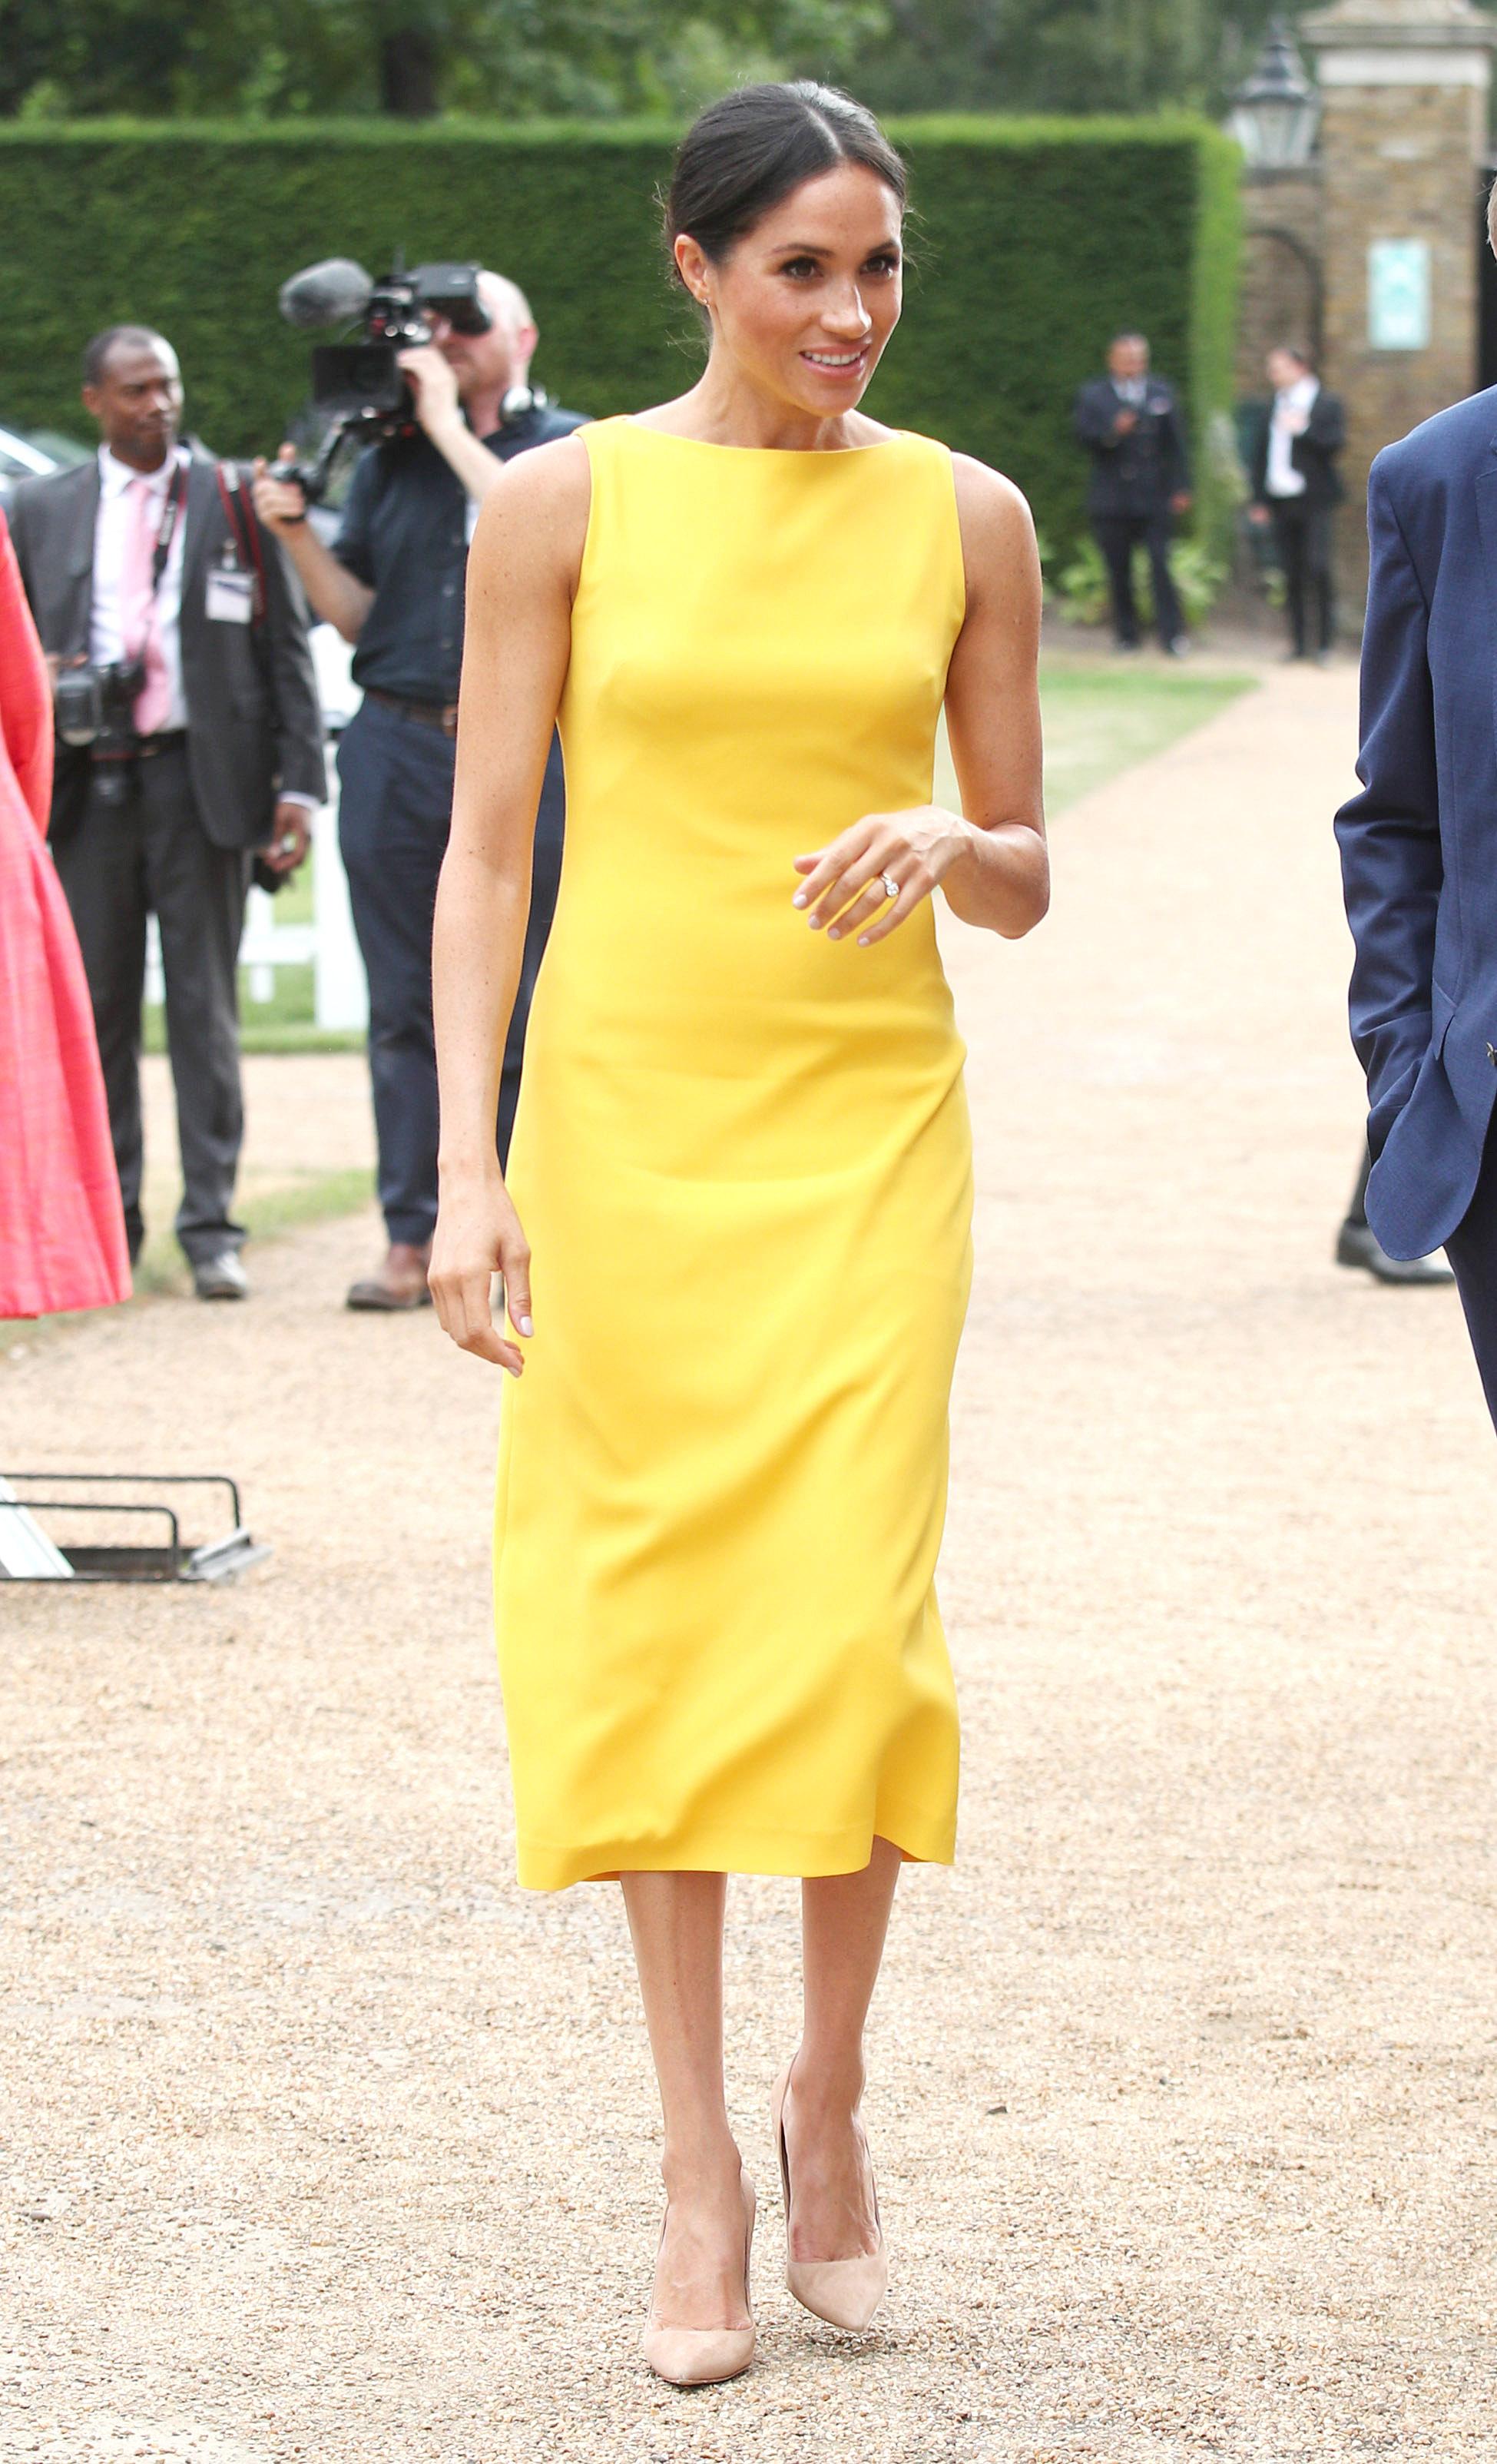 """3. Меган Маркъл<br /> Стилът ѝ несъмнено претърпя промяна, след като стана част от кралското семейство. Херцогинята залага на рокли до коляното на любимите си марки и дизайнери - """"Живанши"""" и Стела Маккартни, обувки в светли цветове и деколте тип """"лодка""""."""